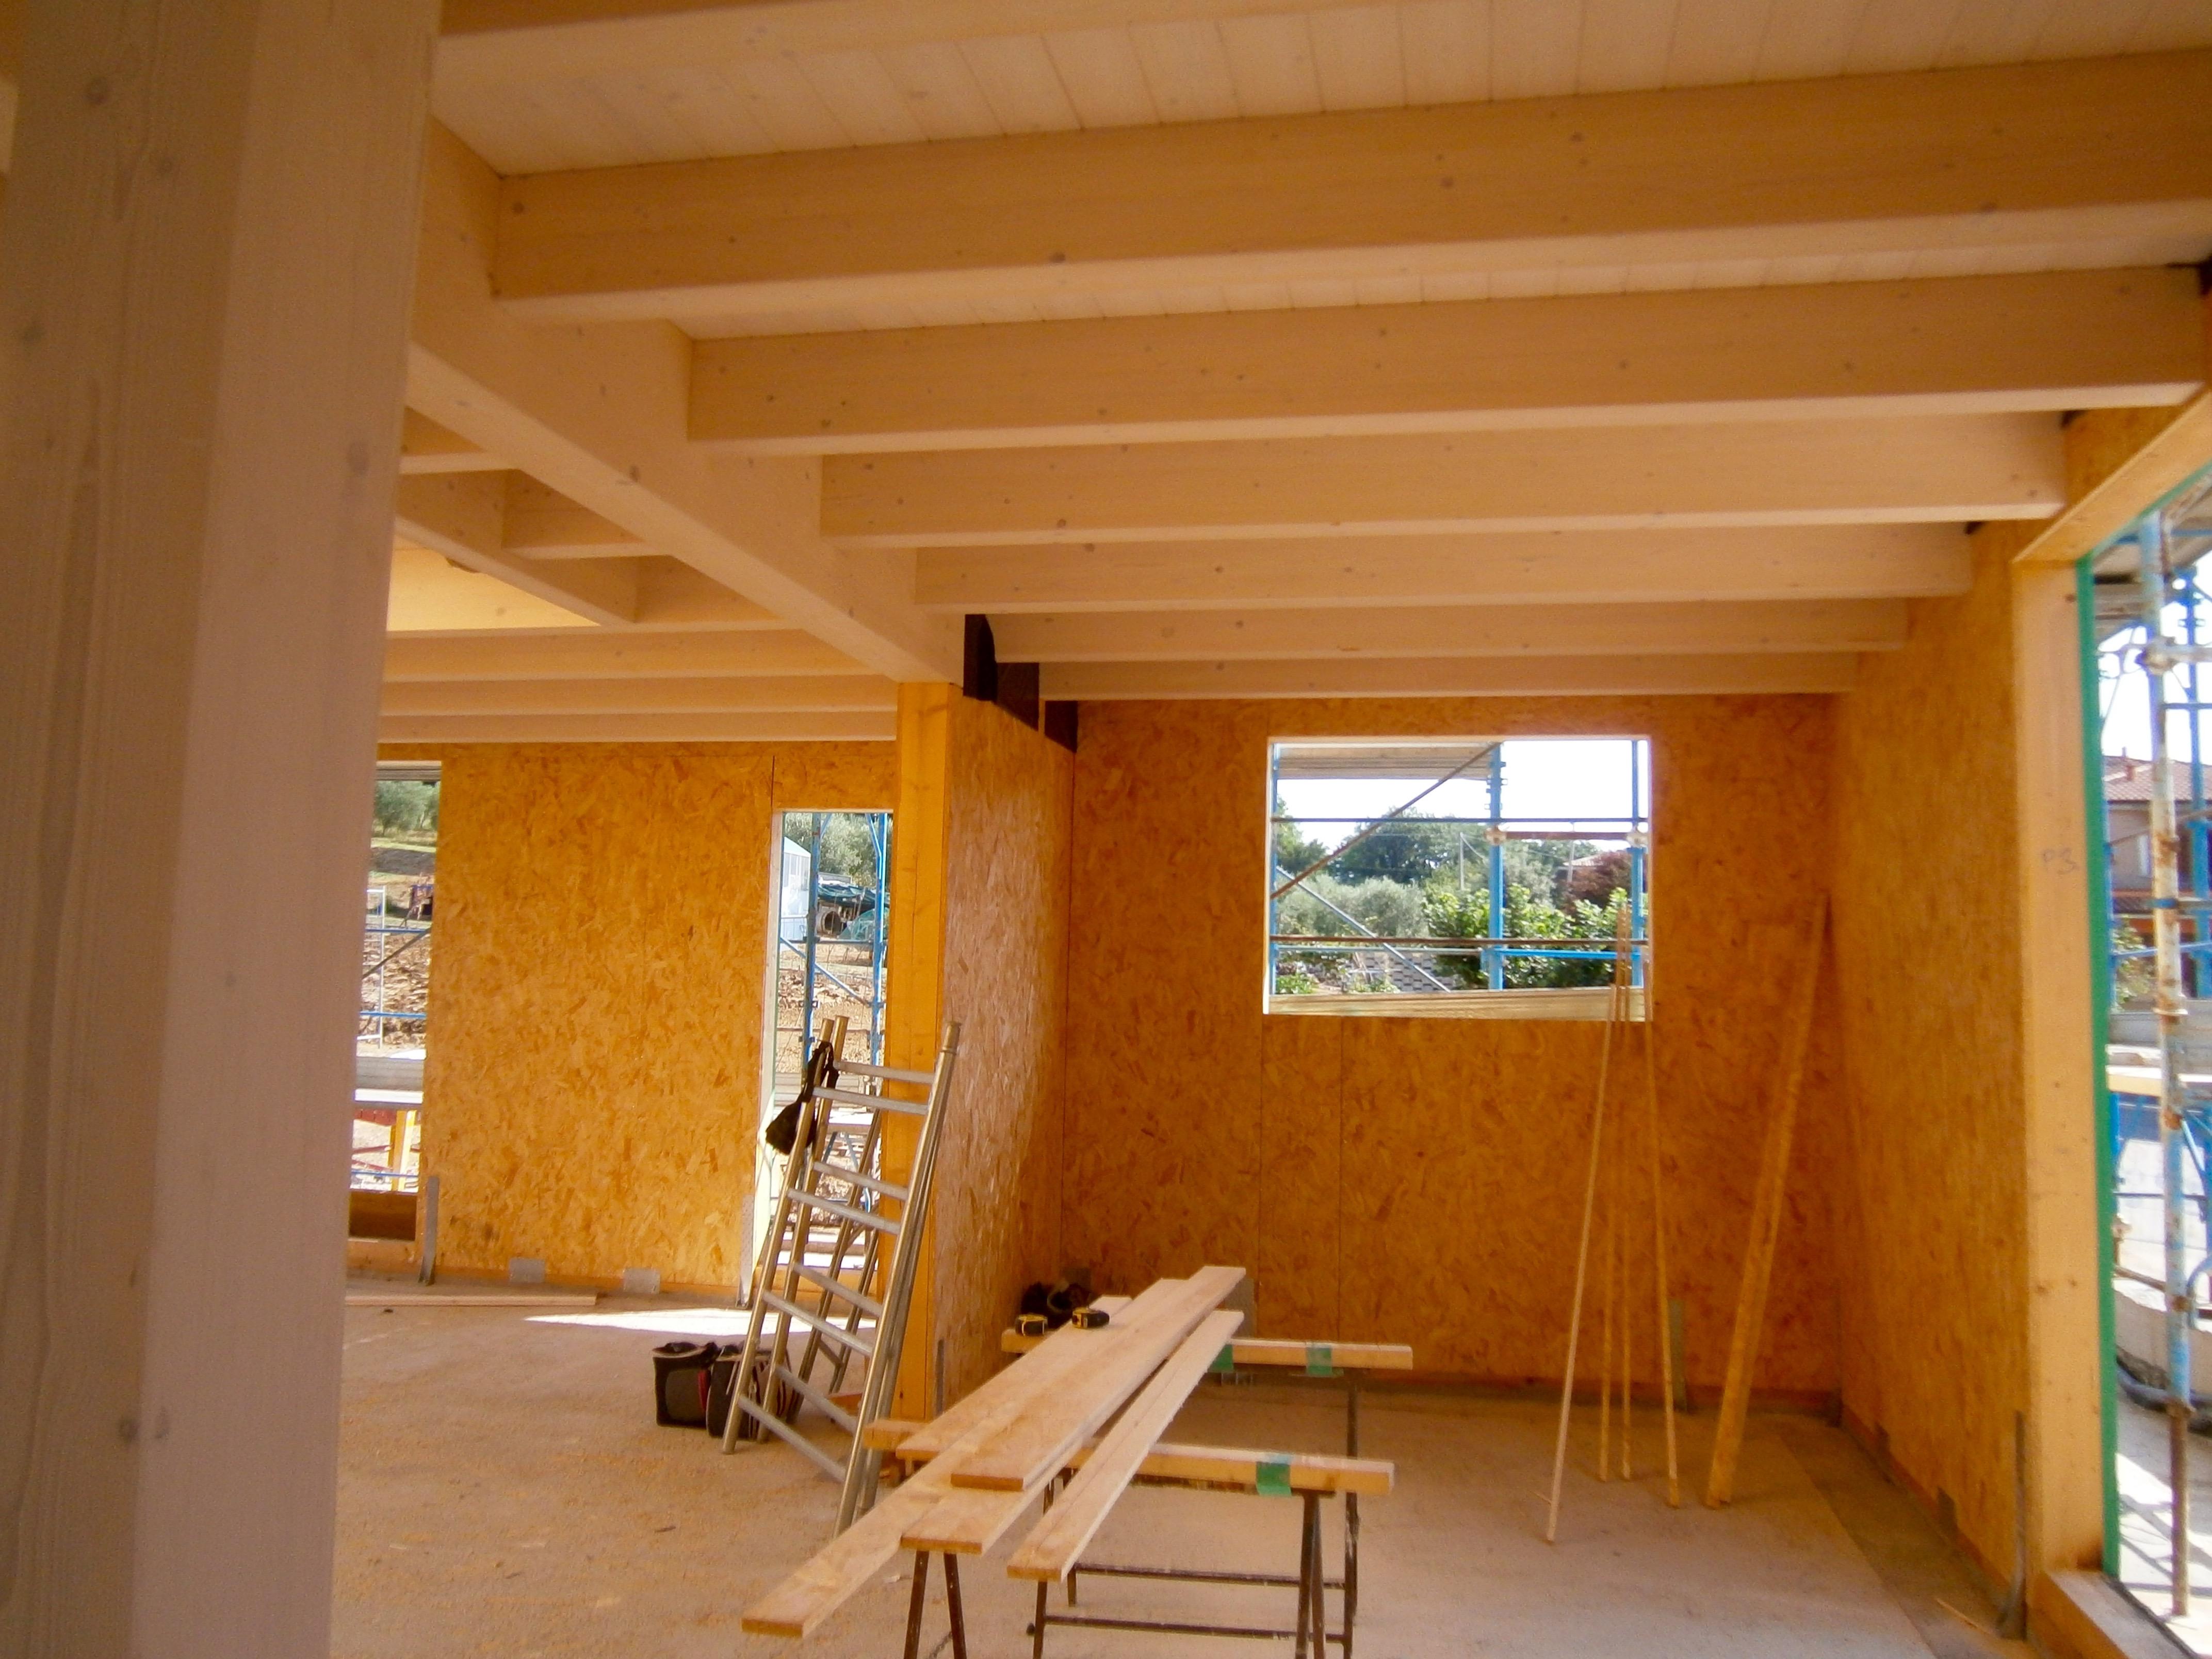 Cefs centro edile per la formazione e la sicurezza - Minibar in legno per casa ...